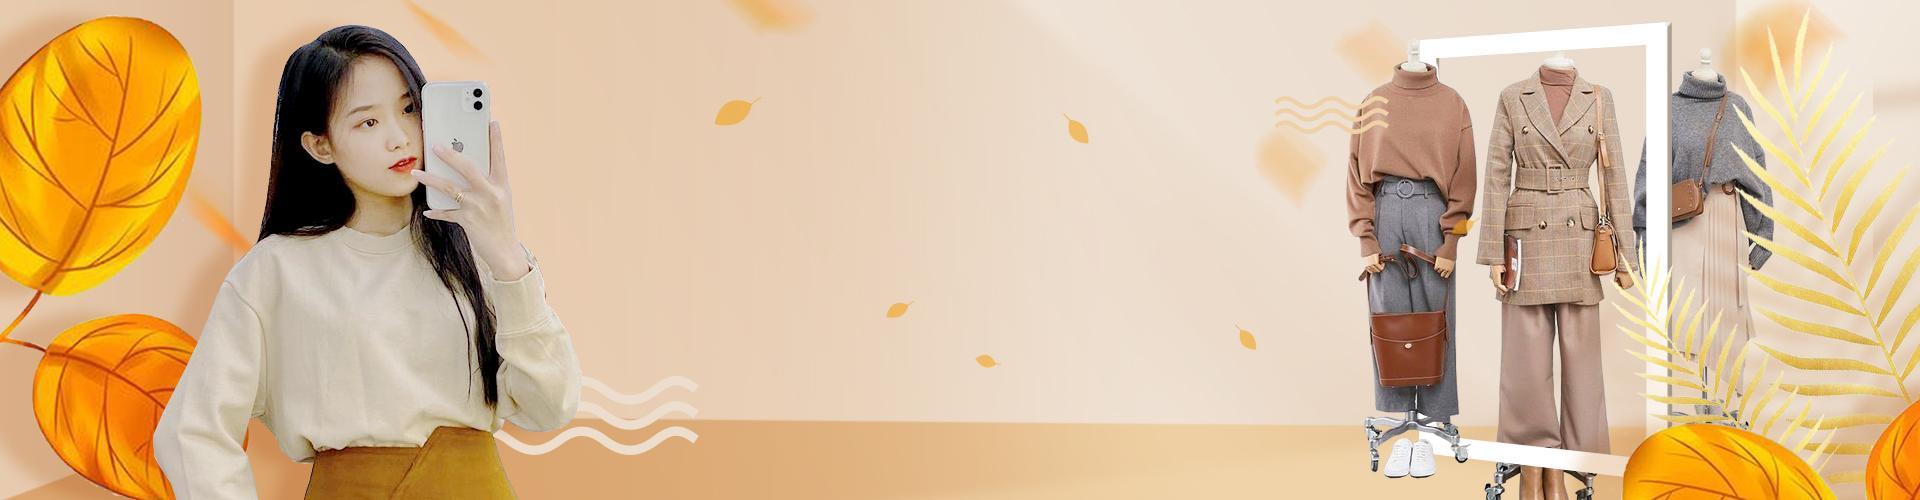 Set đồ chất – Ngây ngất cùng Min House